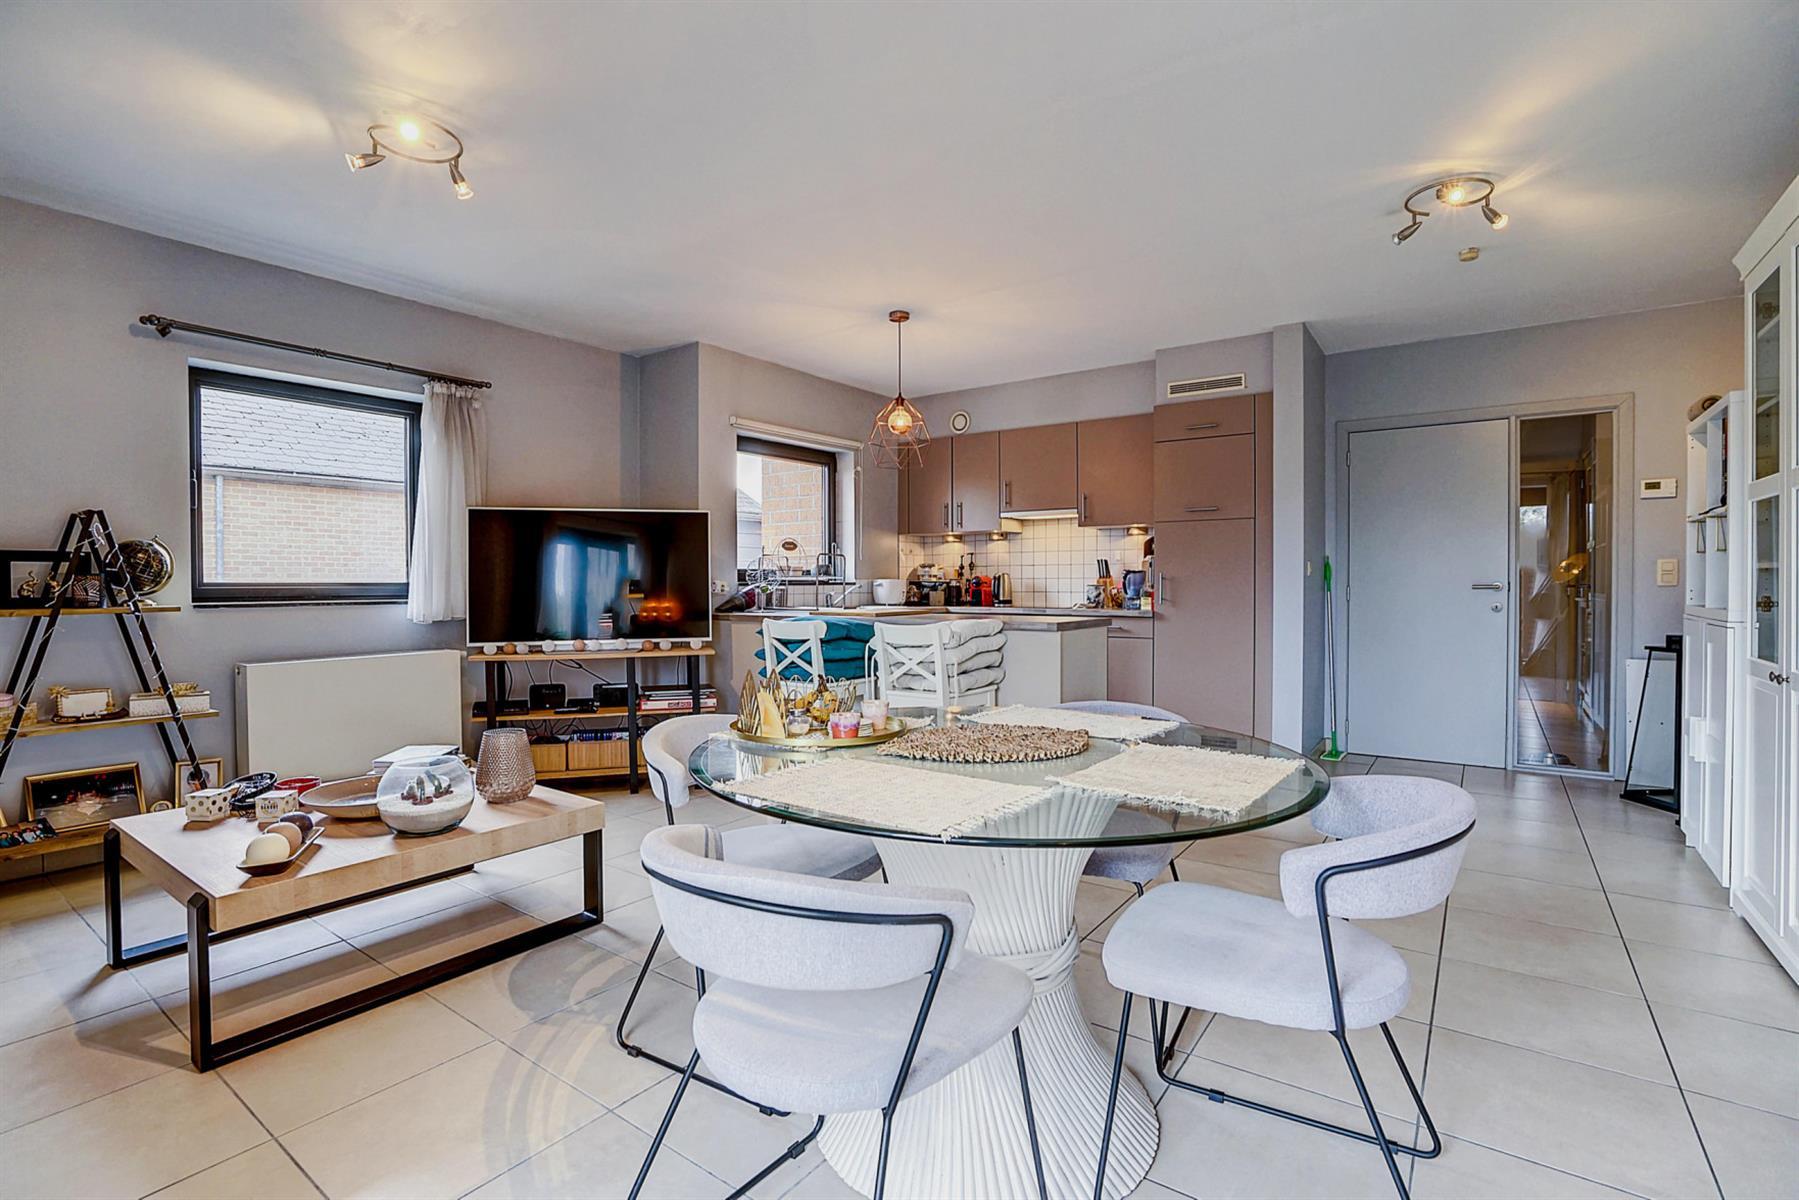 Appartement - Ottignies-louvain-la-neuve - #4505964-10